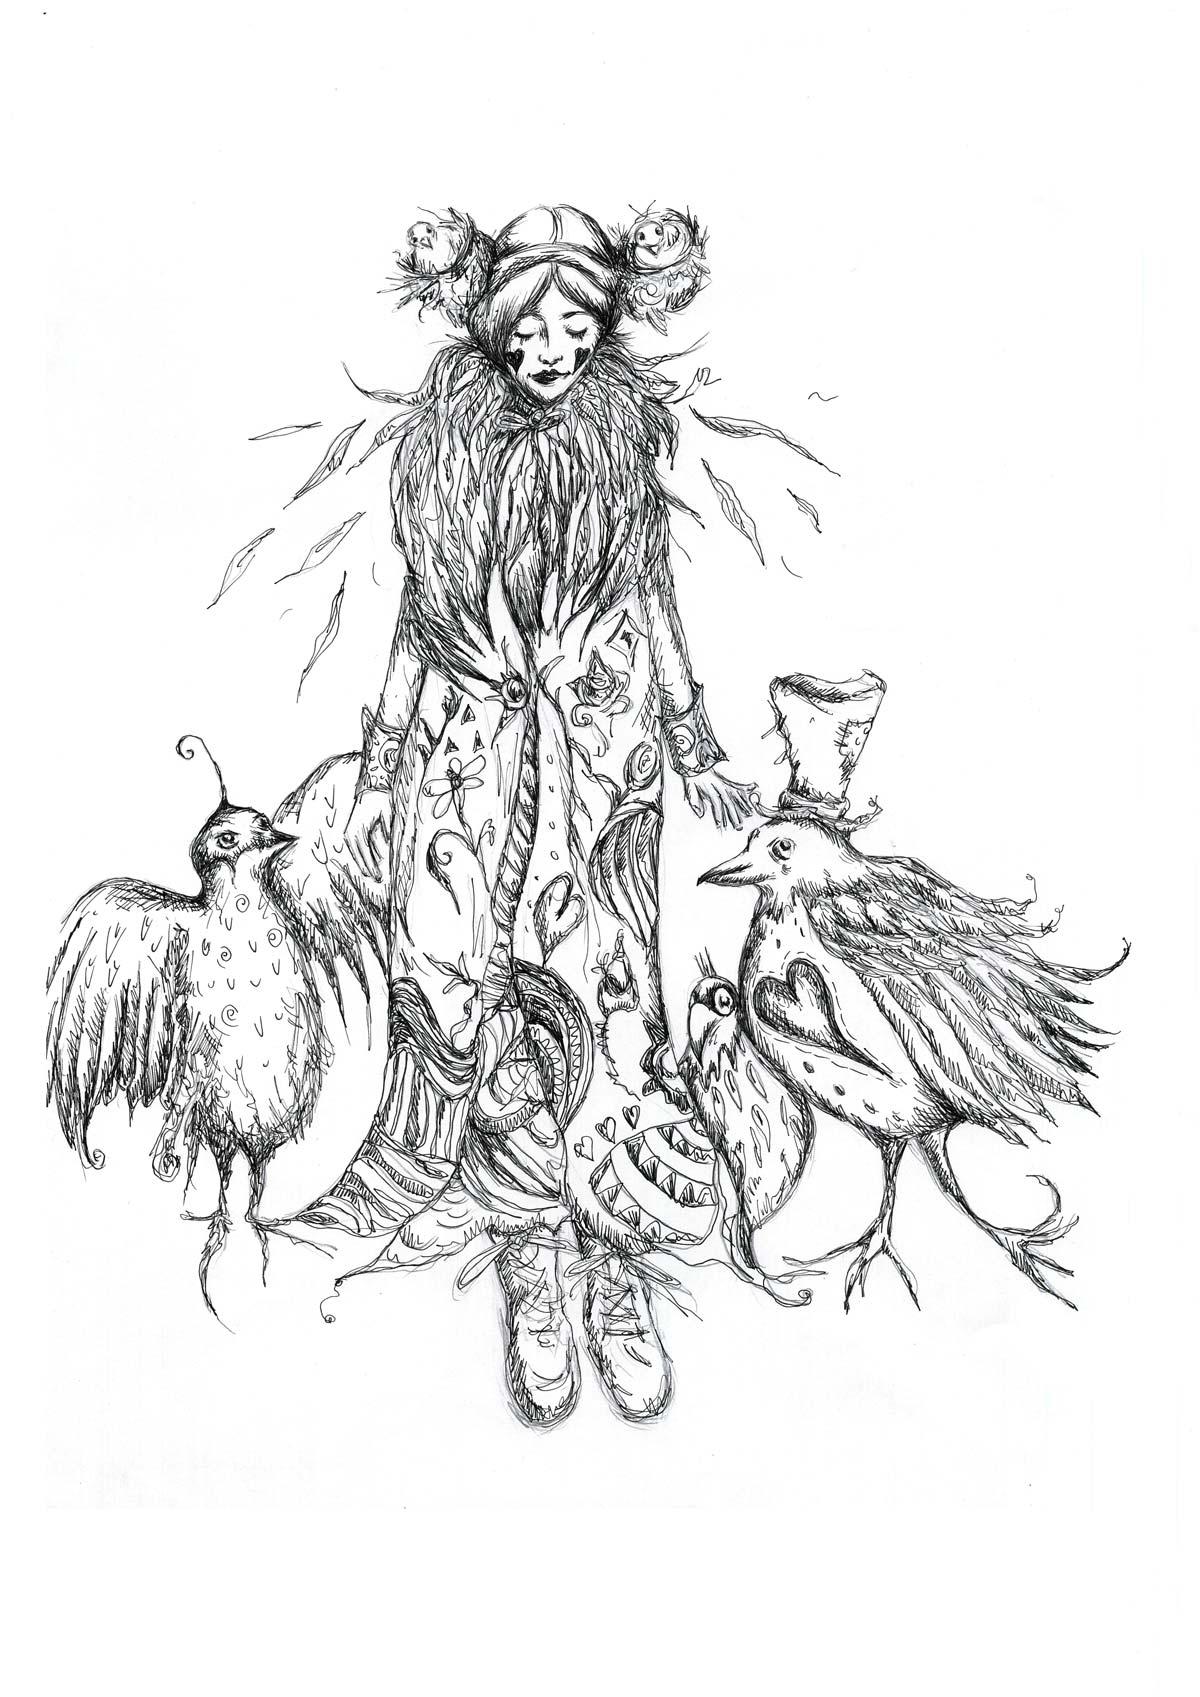 Birds Nest Hair – Black and White